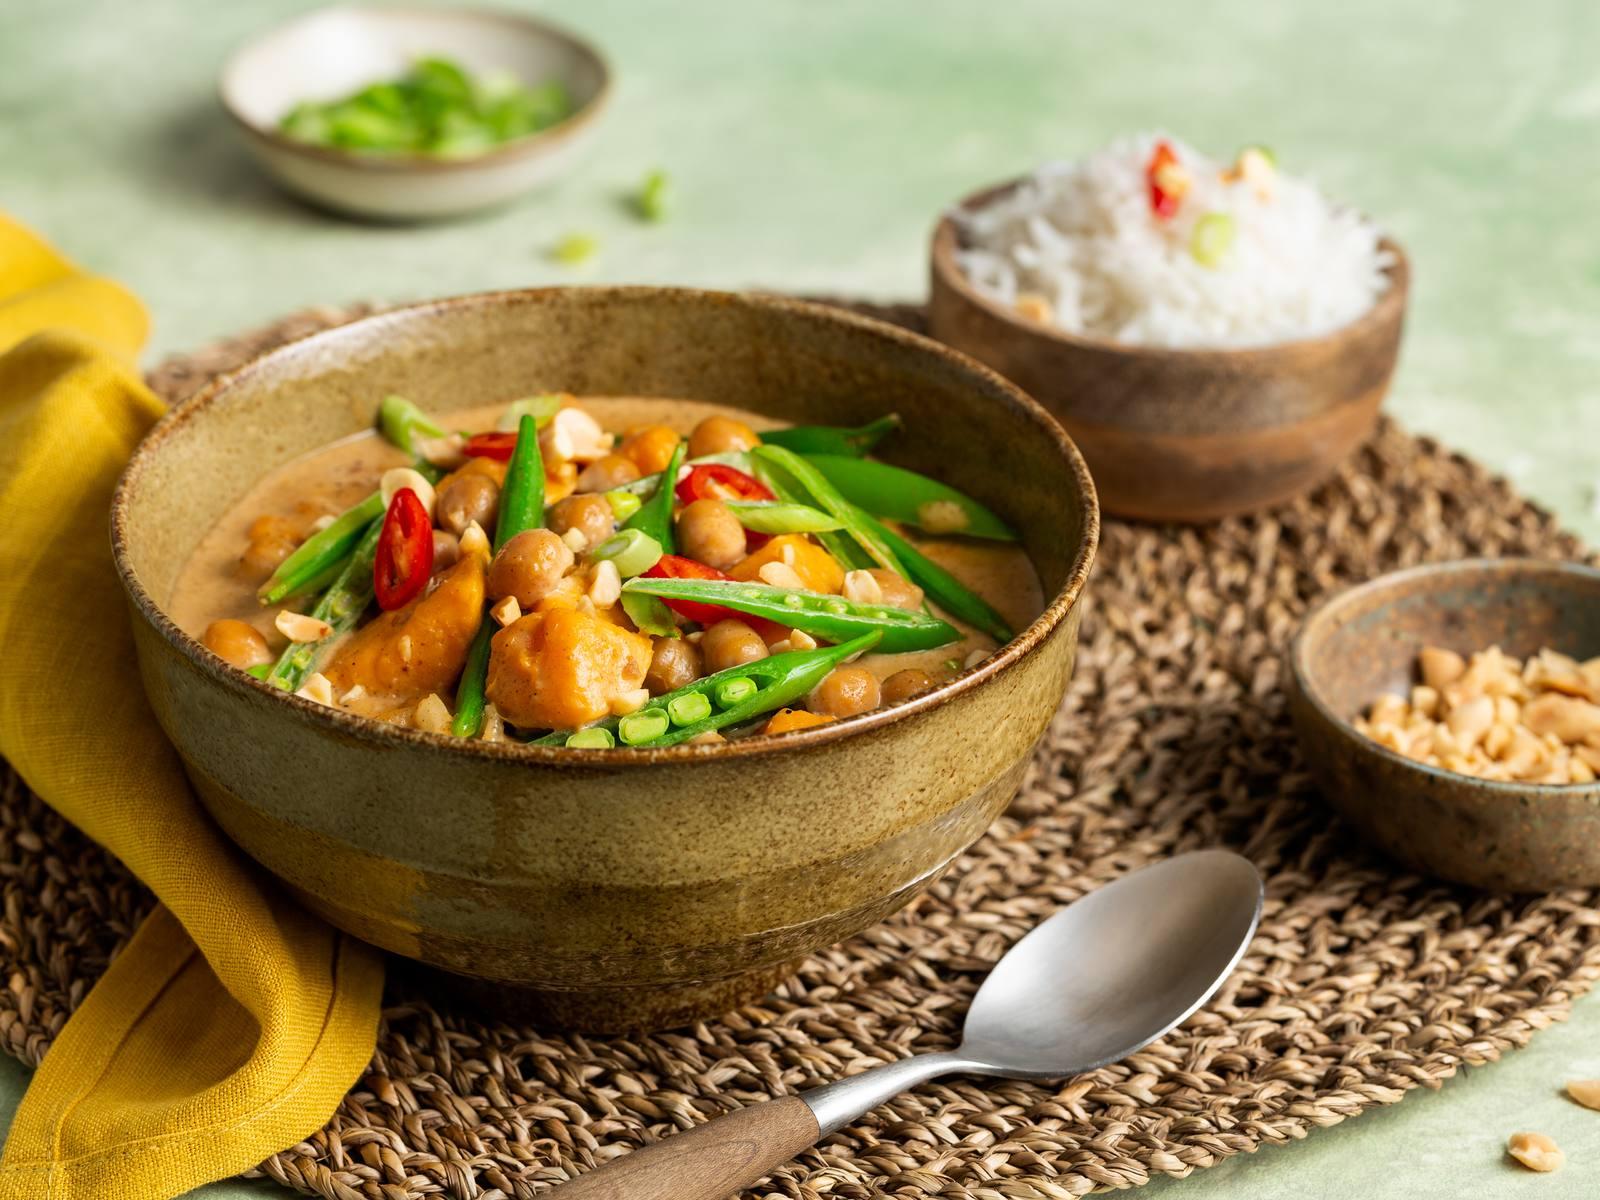 Thaise Massaman Curry met zoete aardappels en kikkererwten